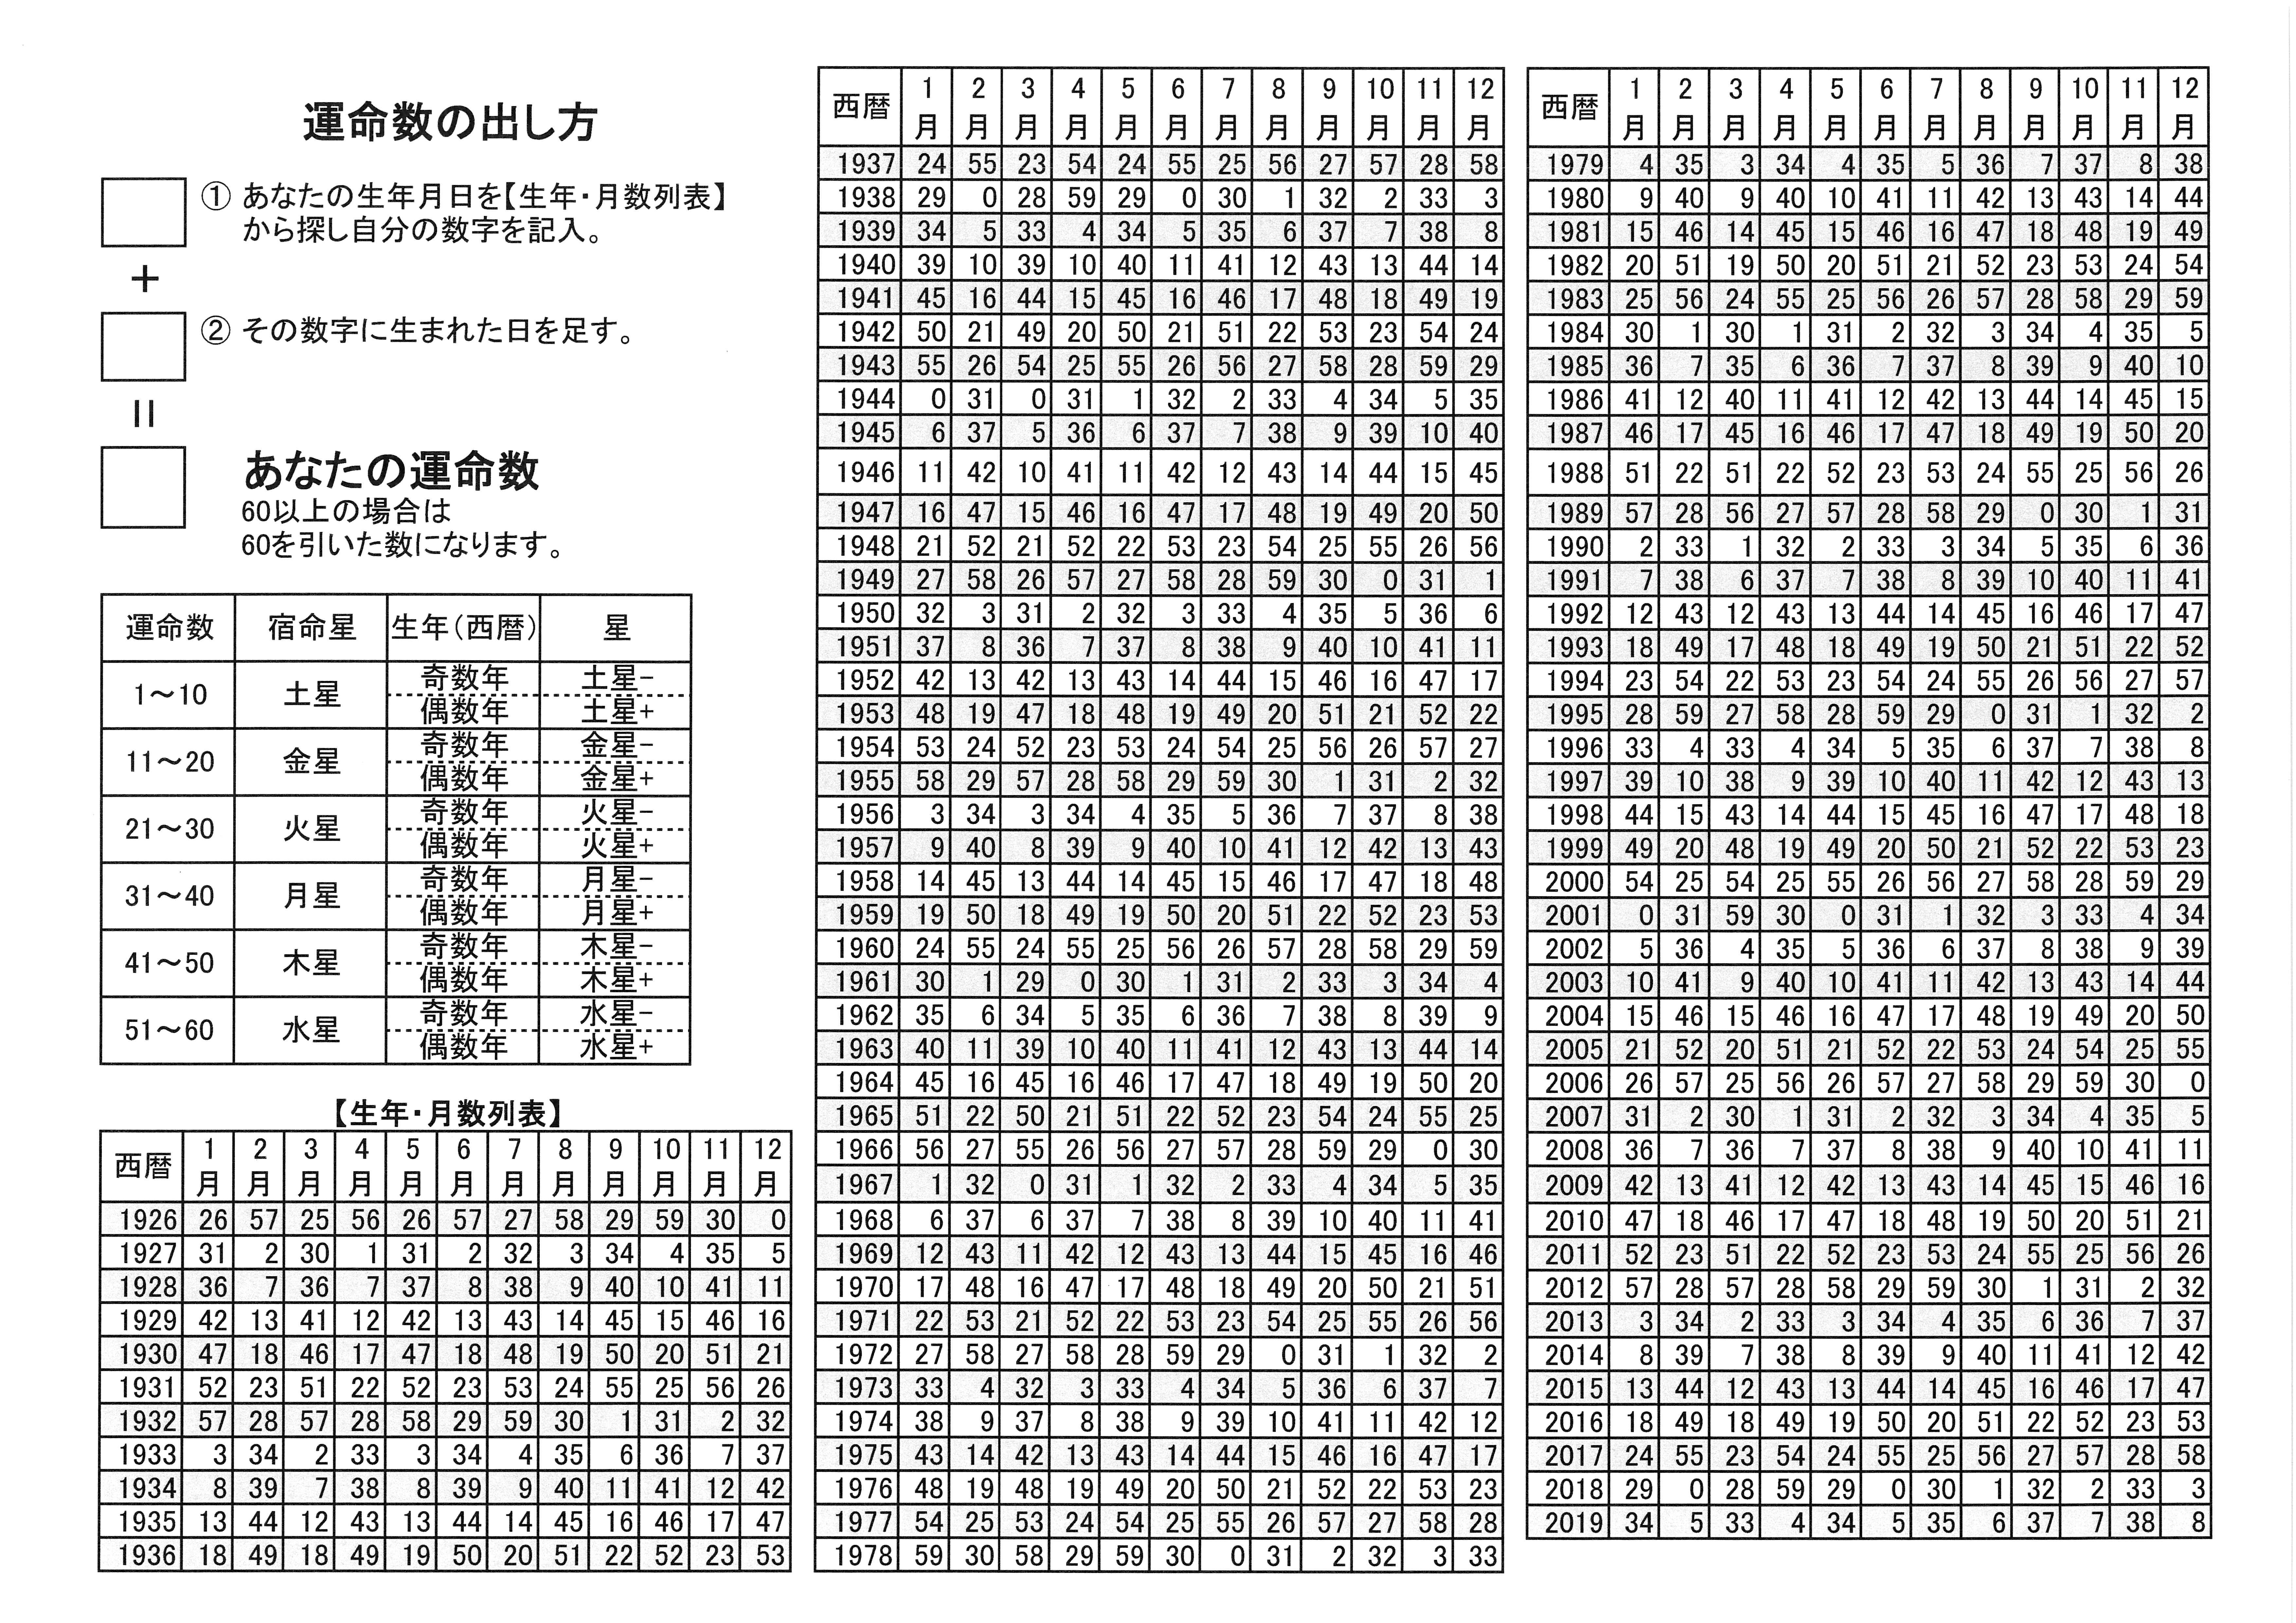 MX-3150FN_20180425_164335_0002